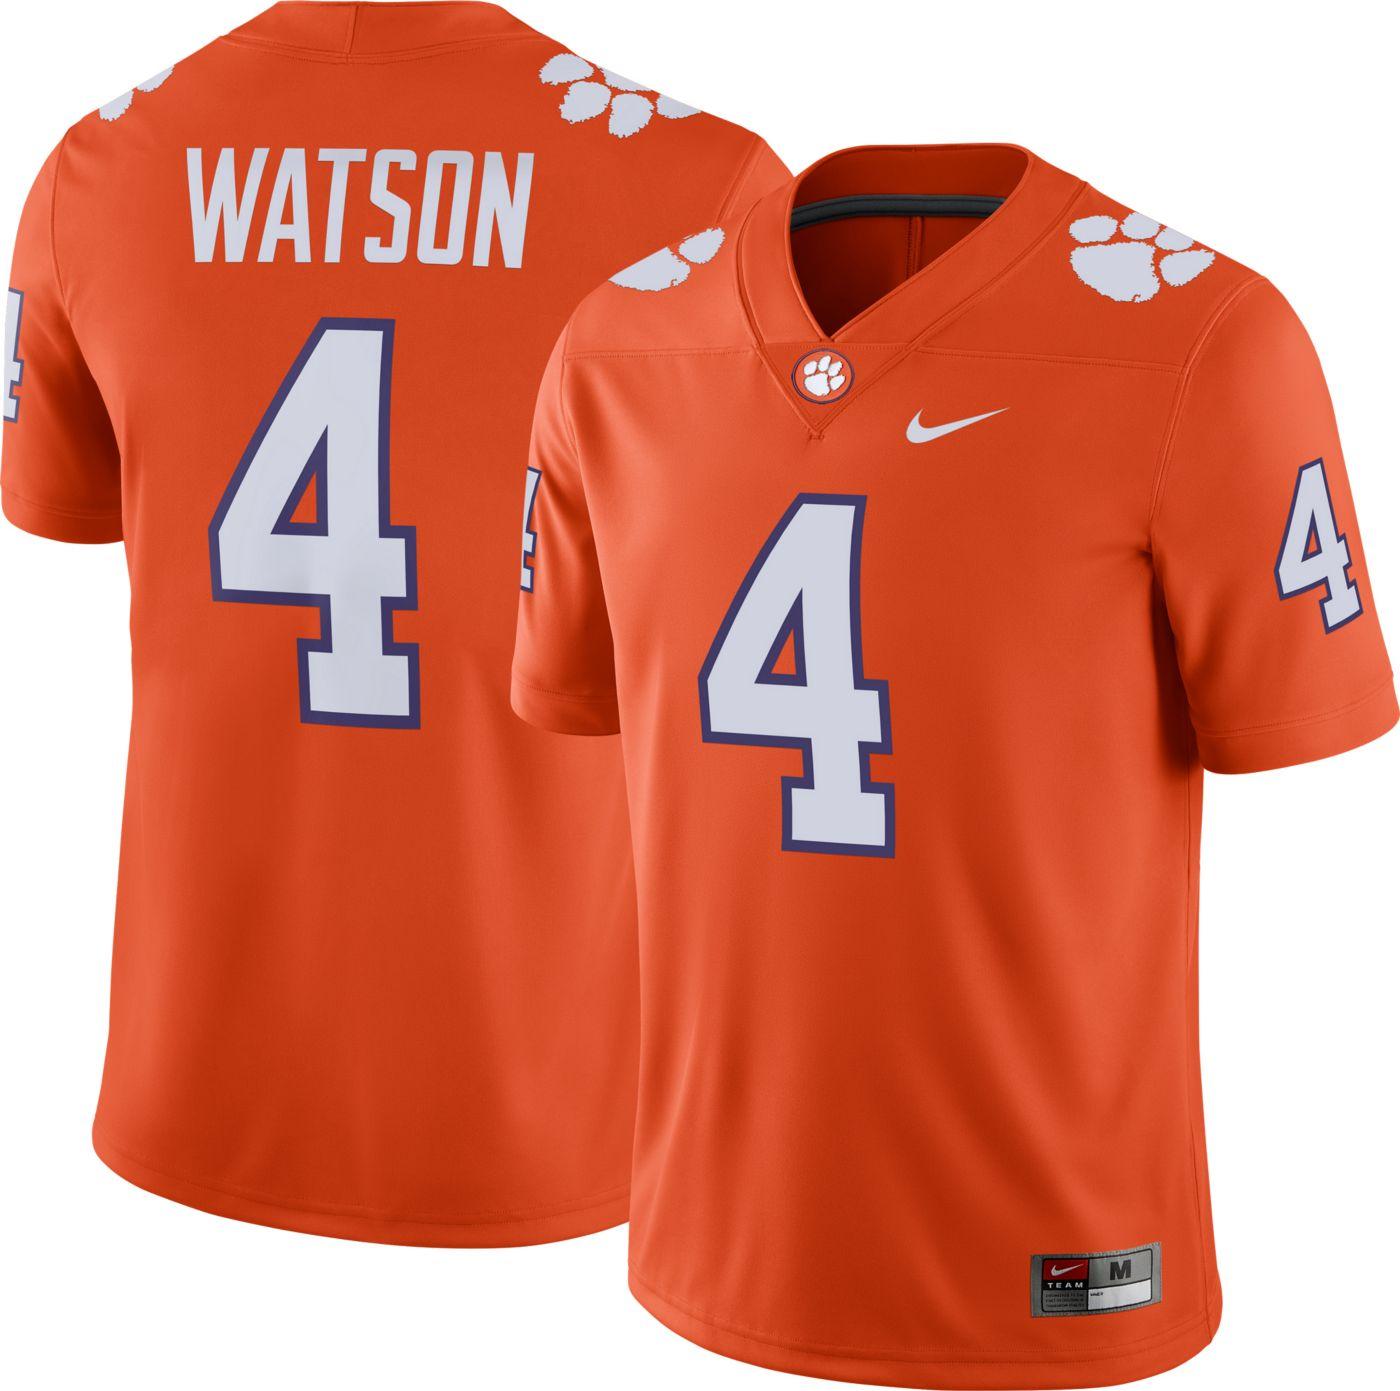 Nike Men's Deshaun Watson Clemson Tigers #4 Orange Dri-FIT Game Football Jersey